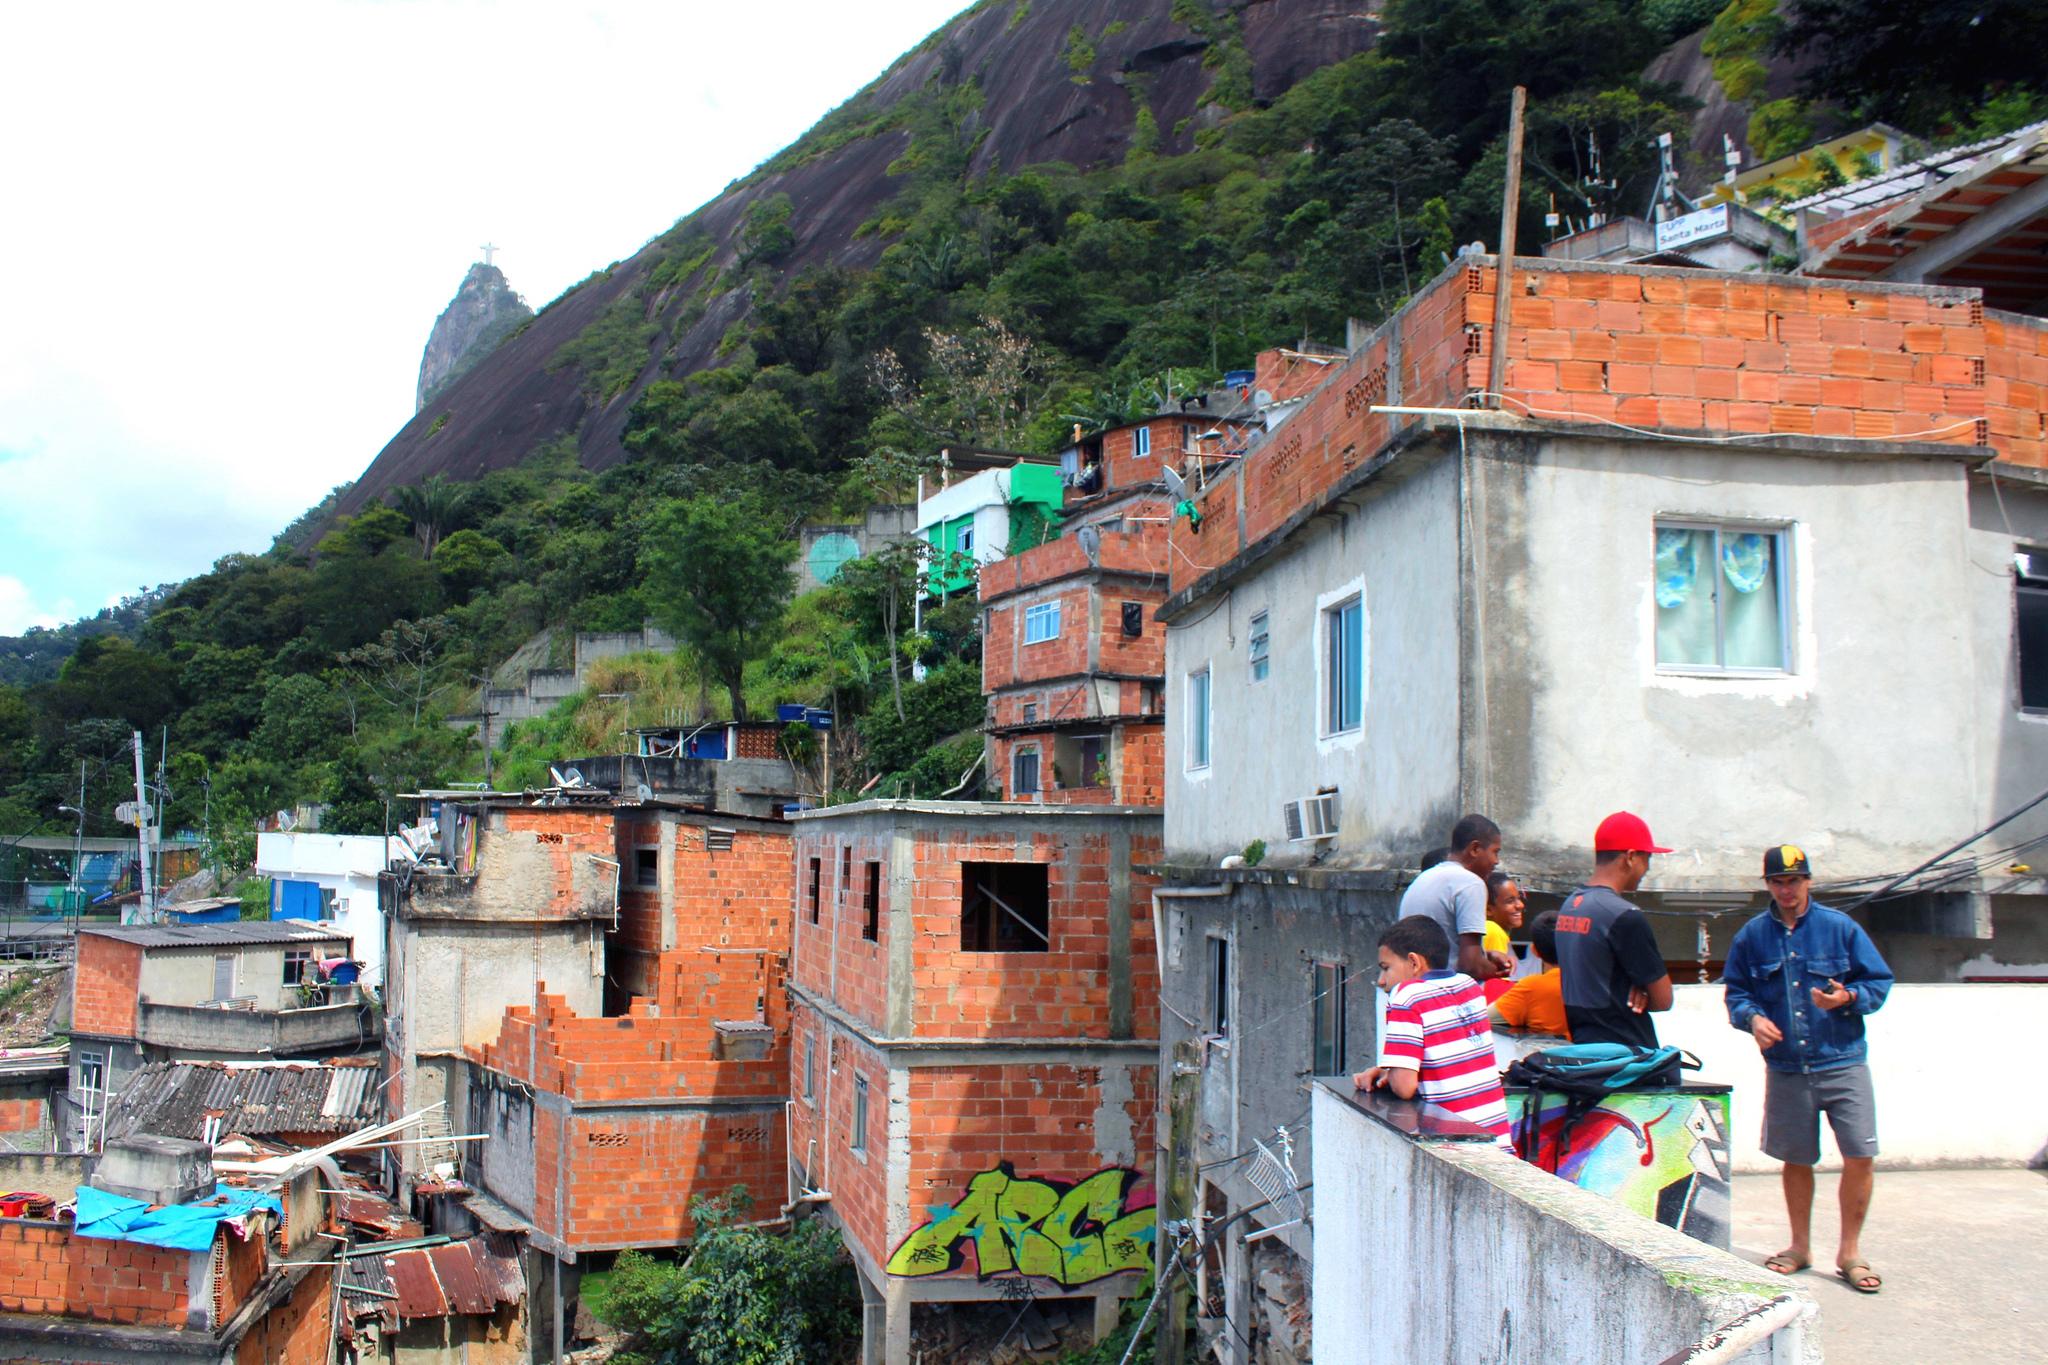 Por qué Río no será una 'smart city' tras las Olimpiadas por mucho dinero que se gaste